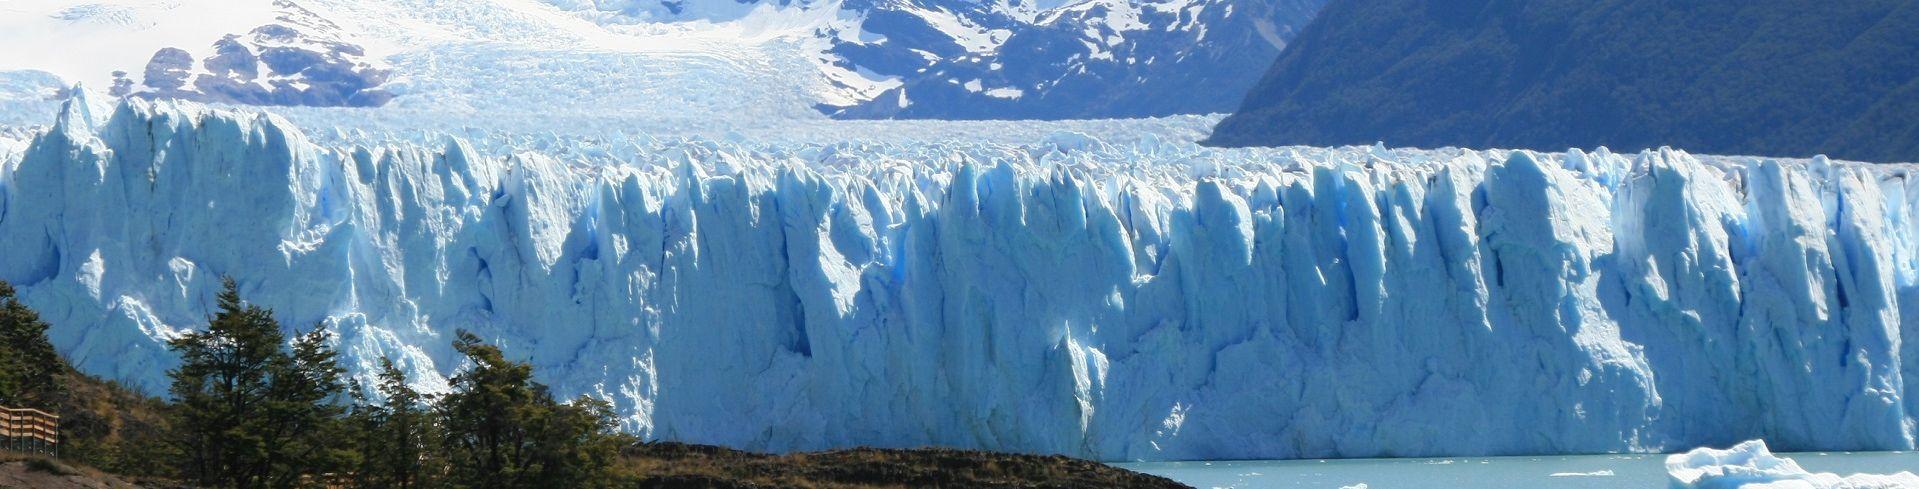 טיול לארגנטינה וצ'ילה בתקופת השלכת